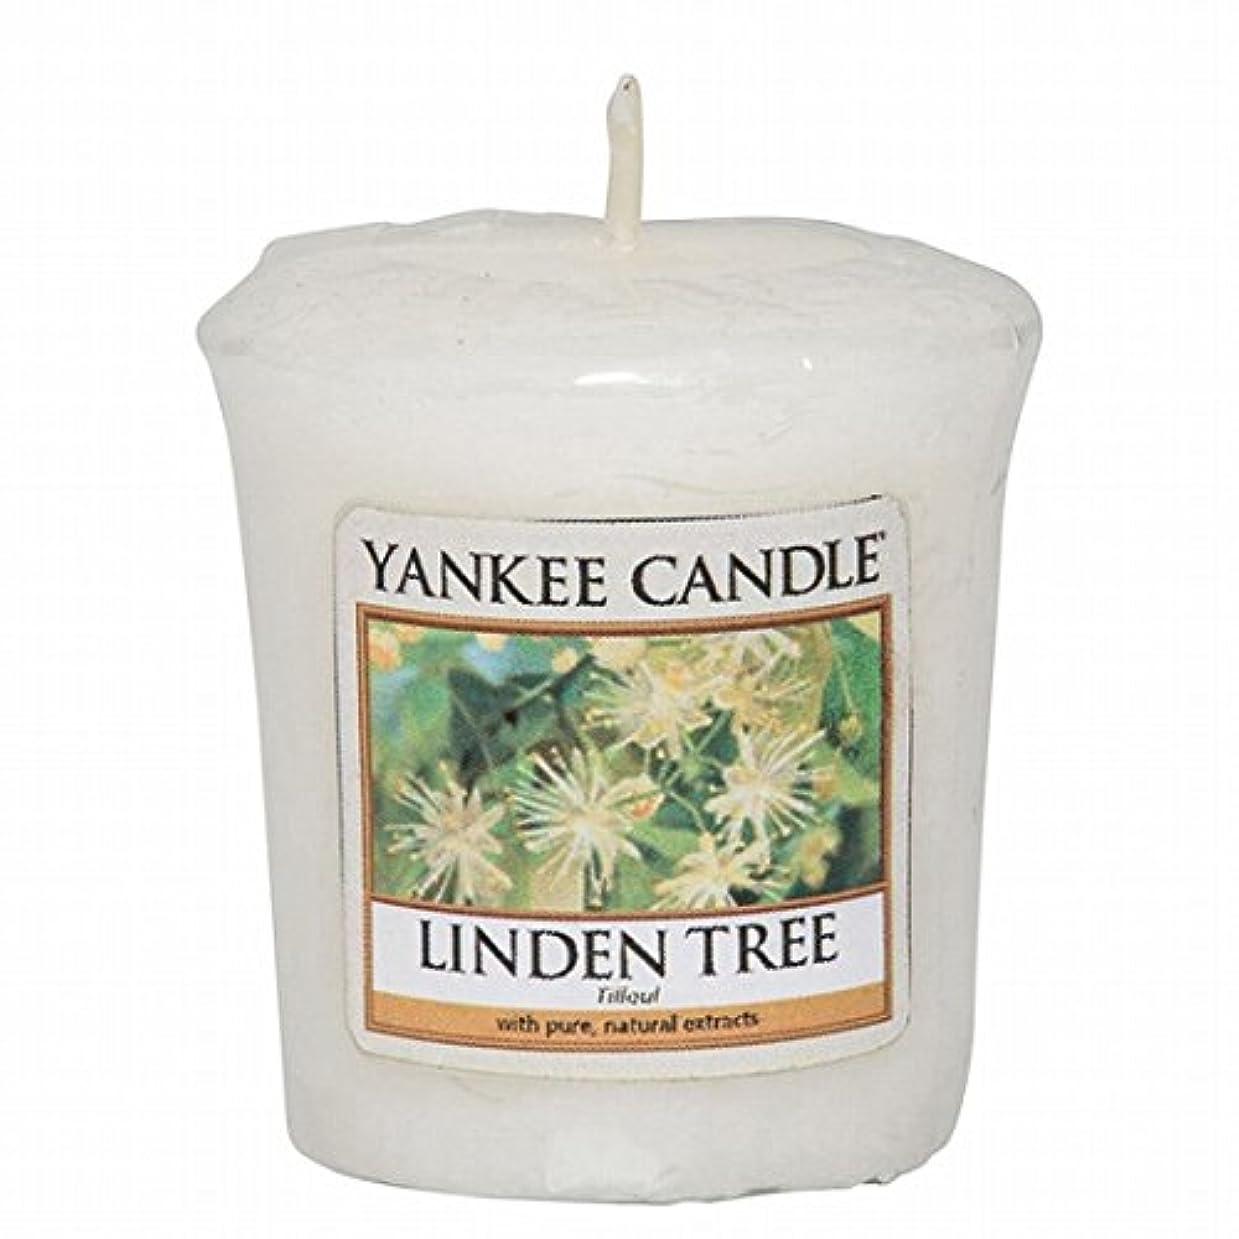 ご覧ください火山学シンポジウムヤンキーキャンドル(YANKEE CANDLE) YANKEE CANDLE サンプラー 「リンデンツリー」